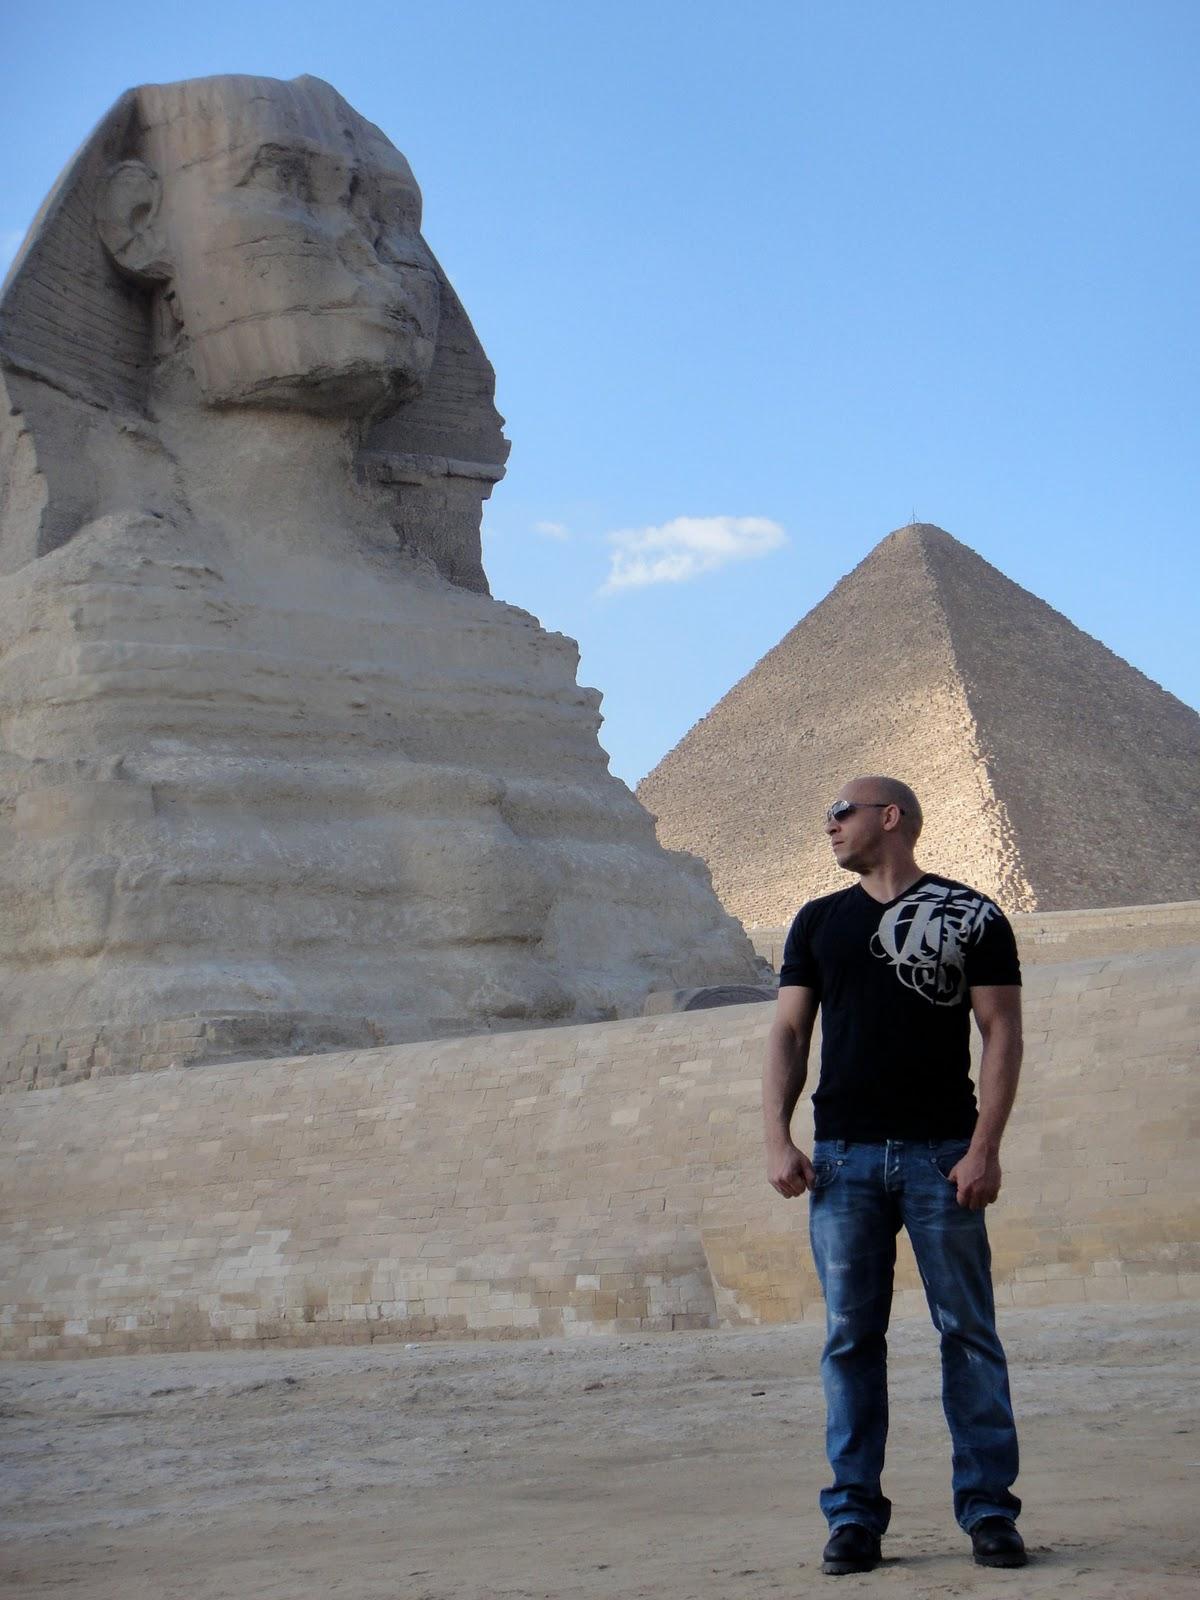 http://1.bp.blogspot.com/_s4oDBszE_5E/TUdKil4F9ZI/AAAAAAAAD9g/cjqWAODDbKk/s1600/DieselEgypt.jpg